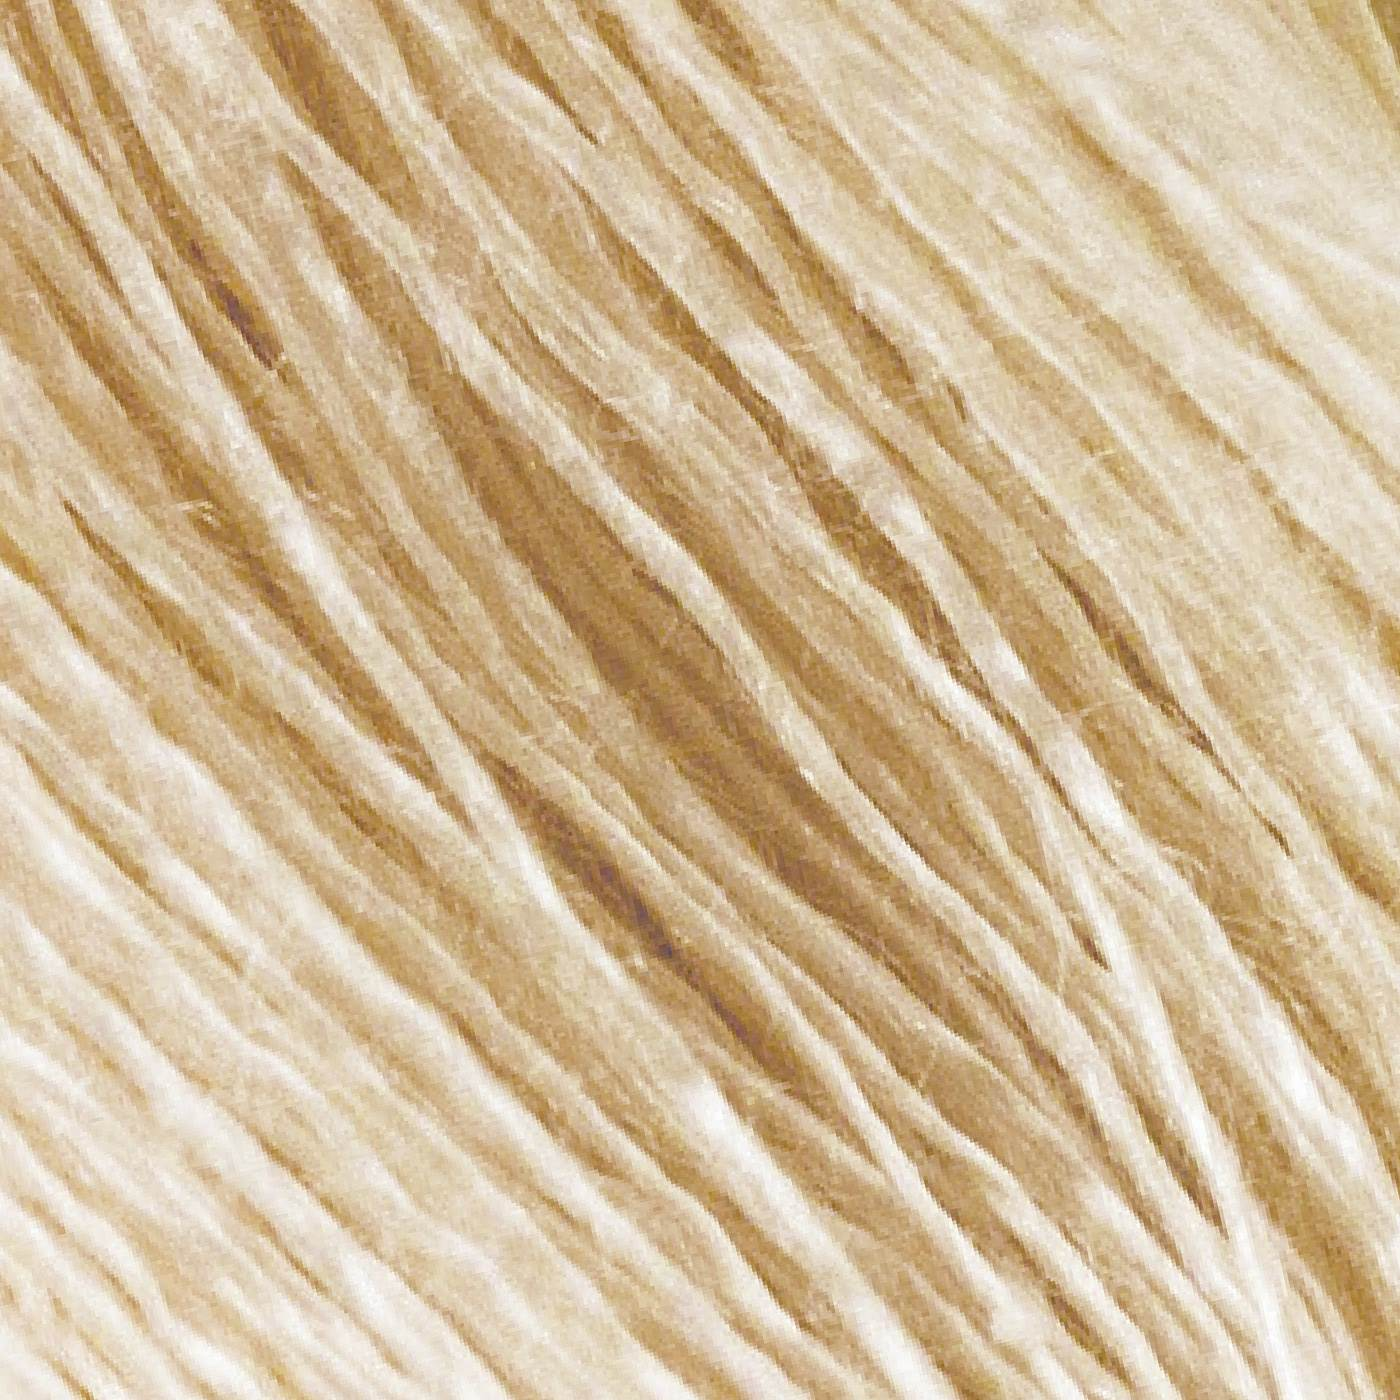 滑らかシルク「絹紡糸」を使用。滑らかさにこだわりました。